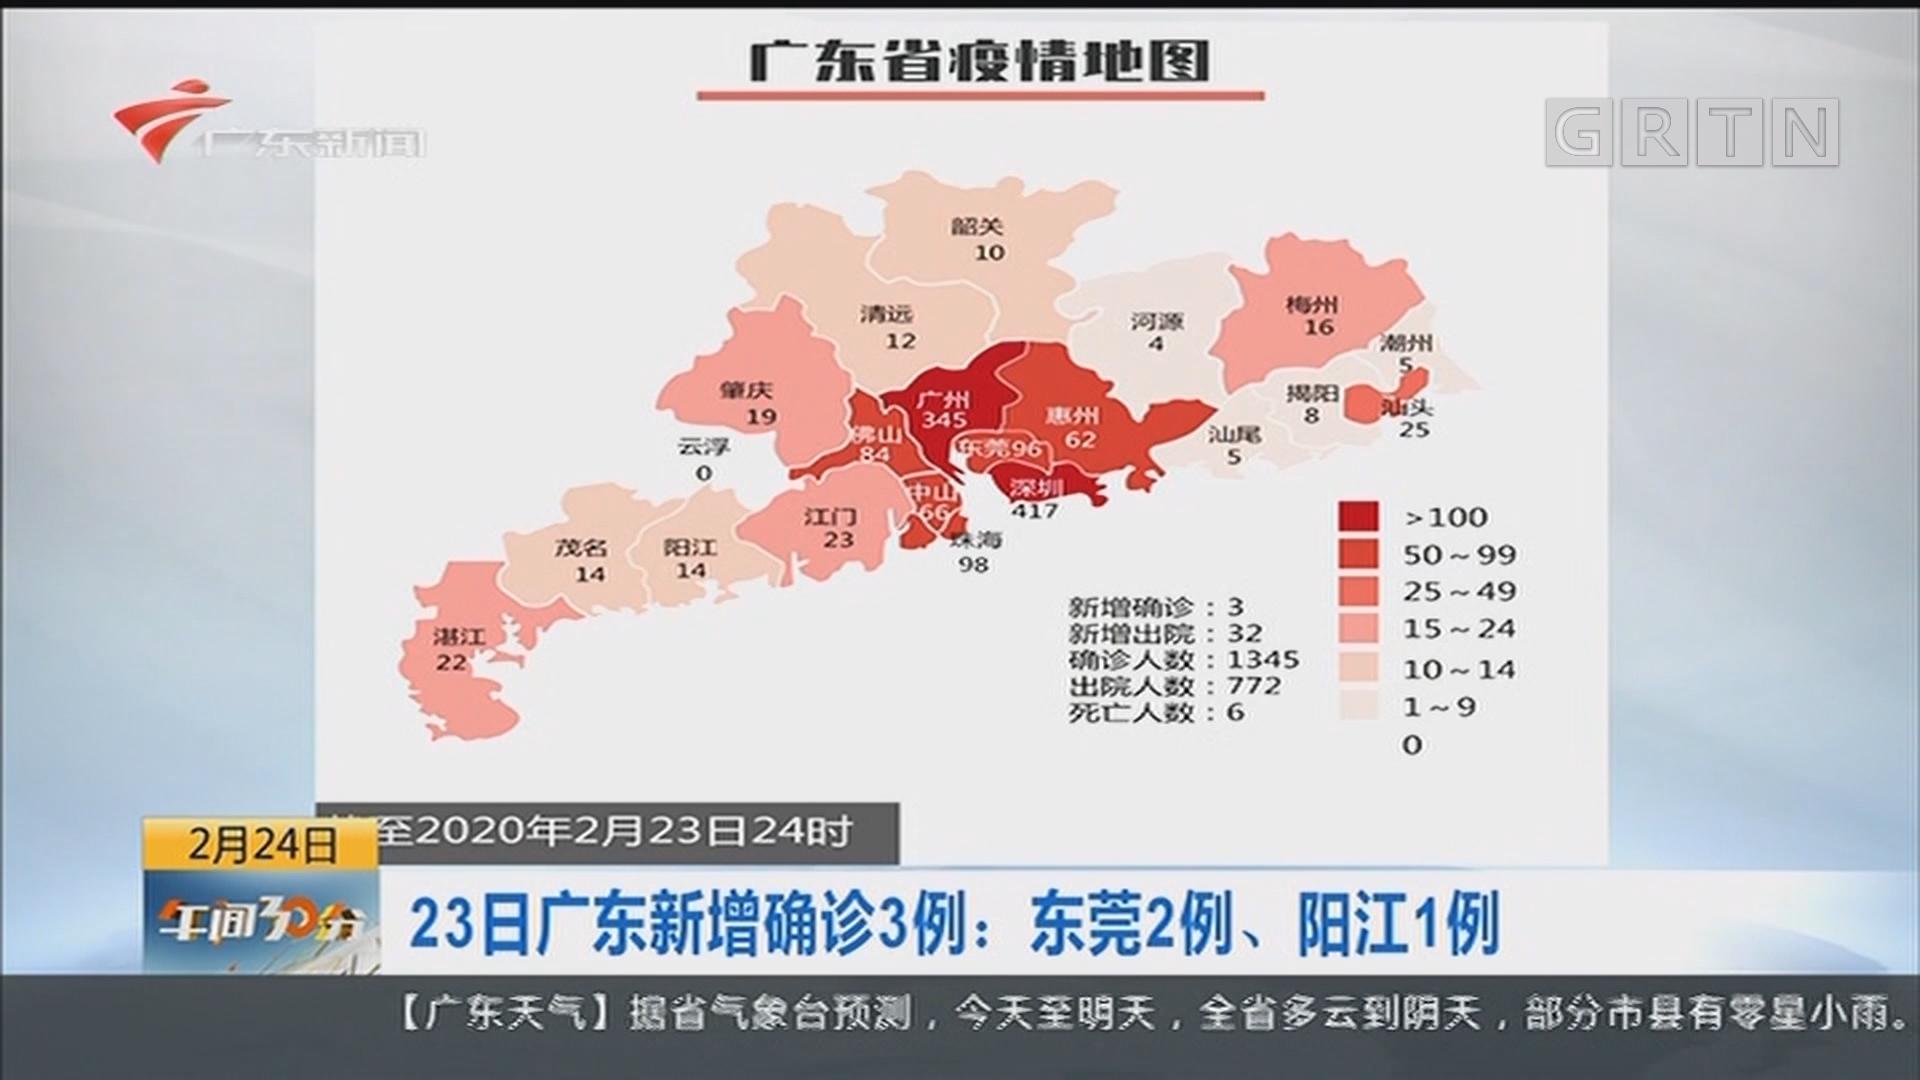 23日广东新增确诊3例:东莞2例、阳江1例